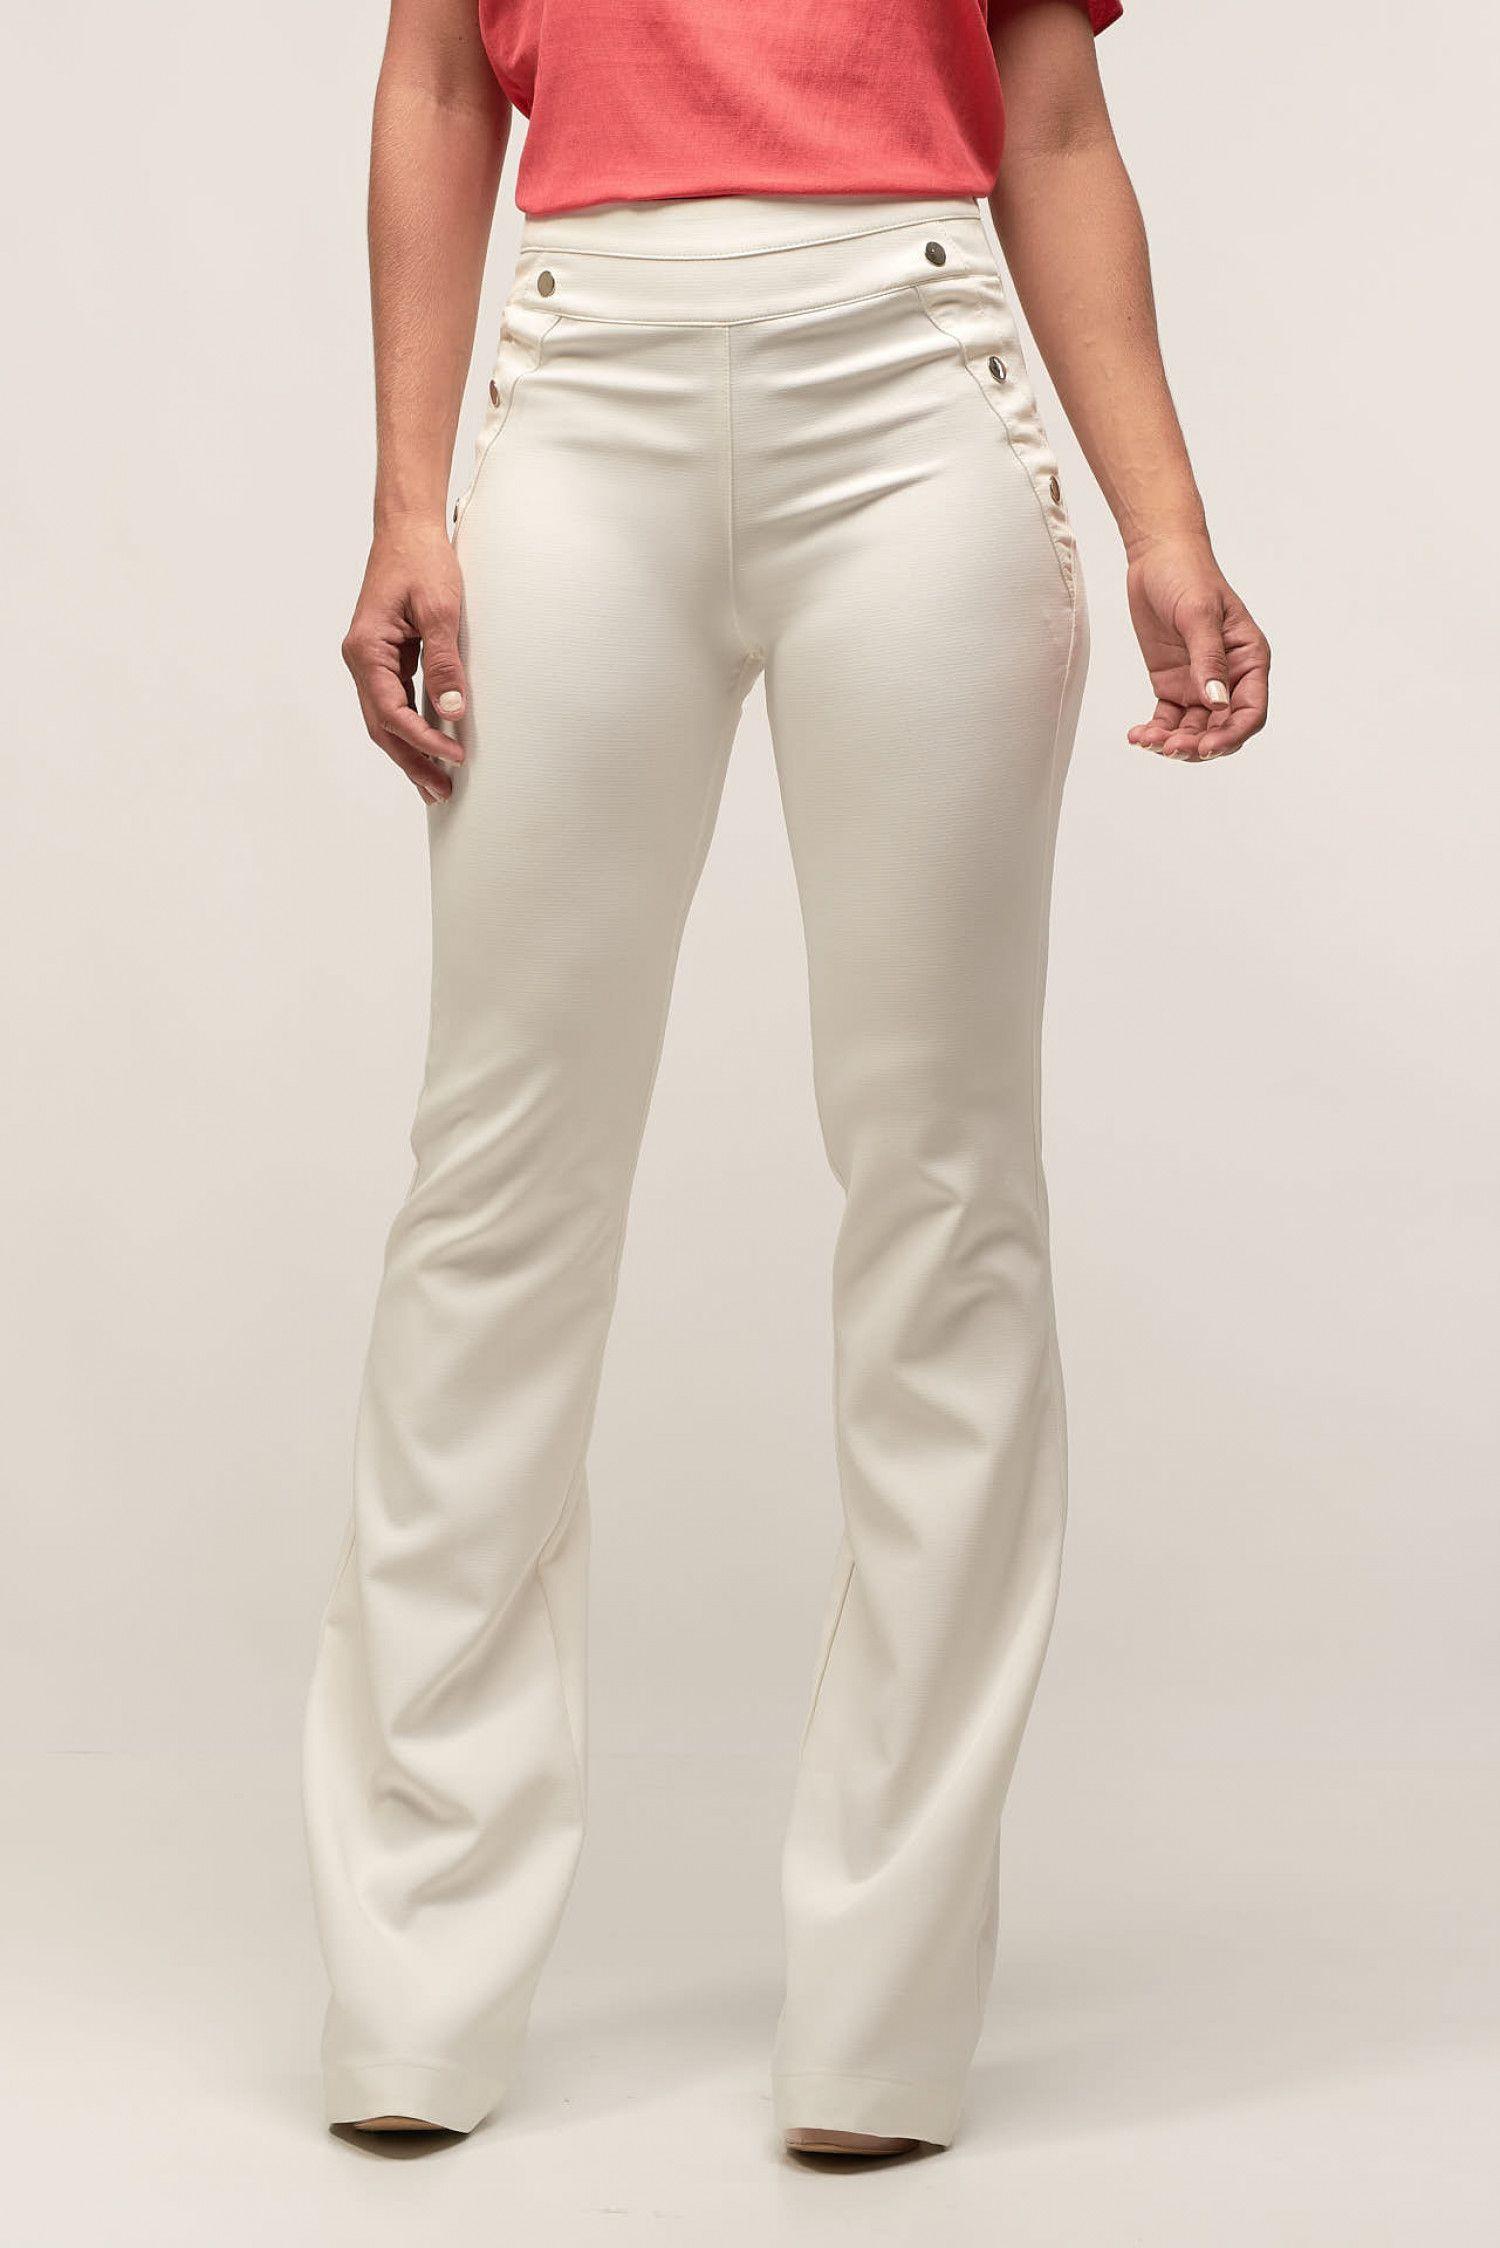 cd14da969 Calça Flare Harrison Off White - SHOP NOW - Calça confeccionada em  poliéster com elastano. Tecido confortável e leve. Modelagem flare e shape  solto.